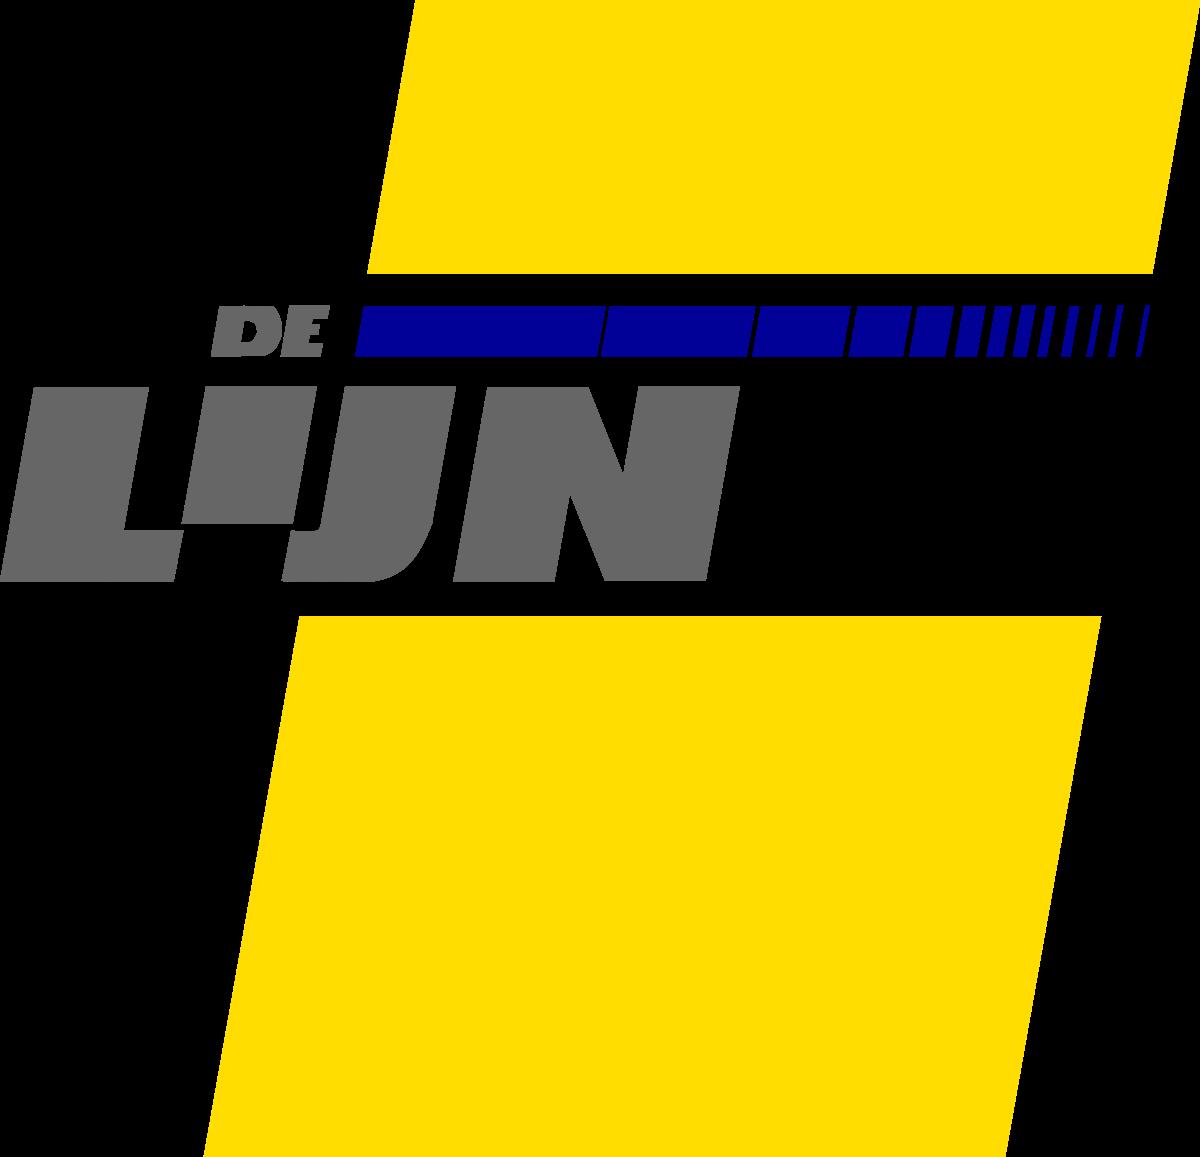 De Lijn